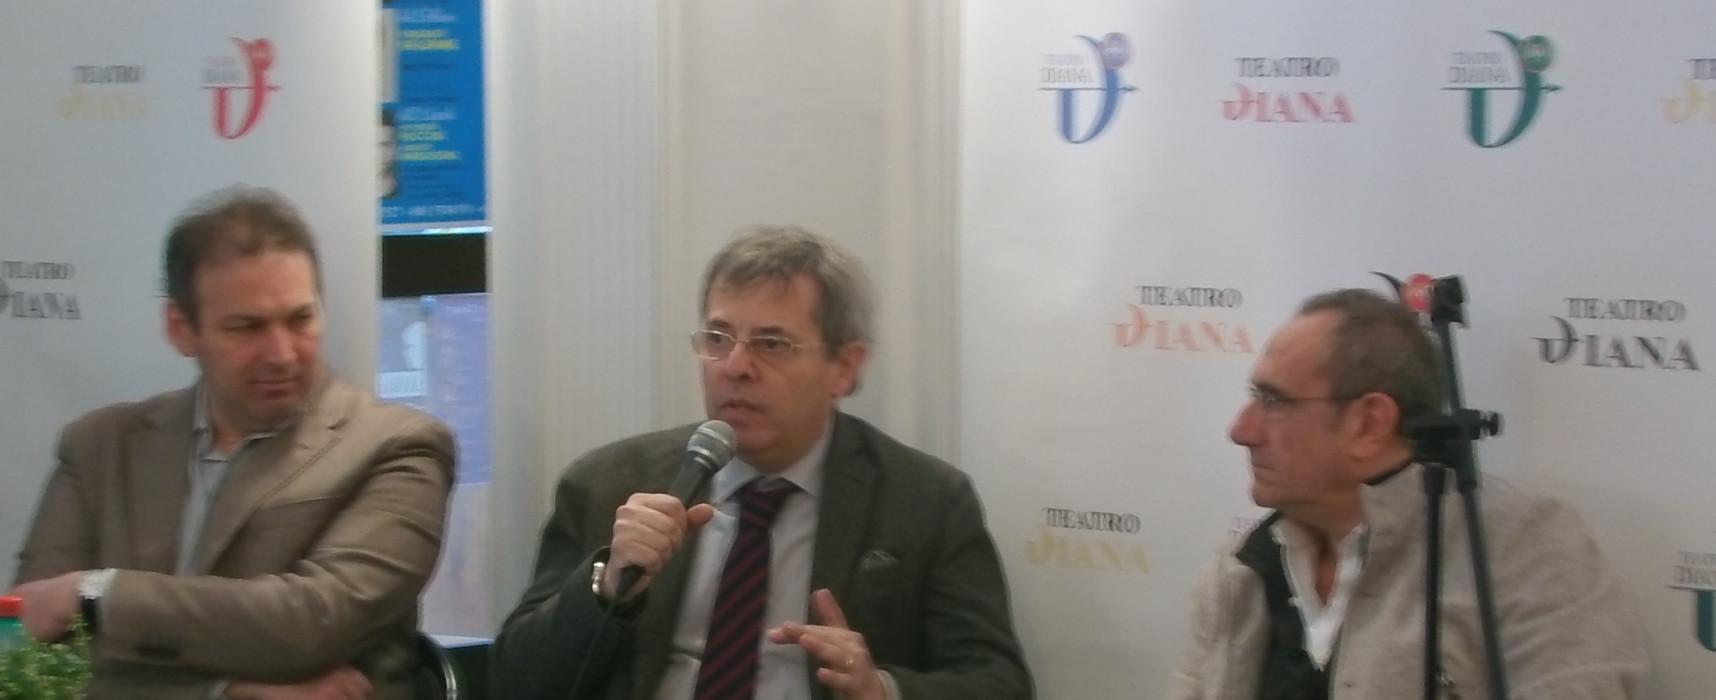 Gino Giaculli, Il Cacciatore di Notizie